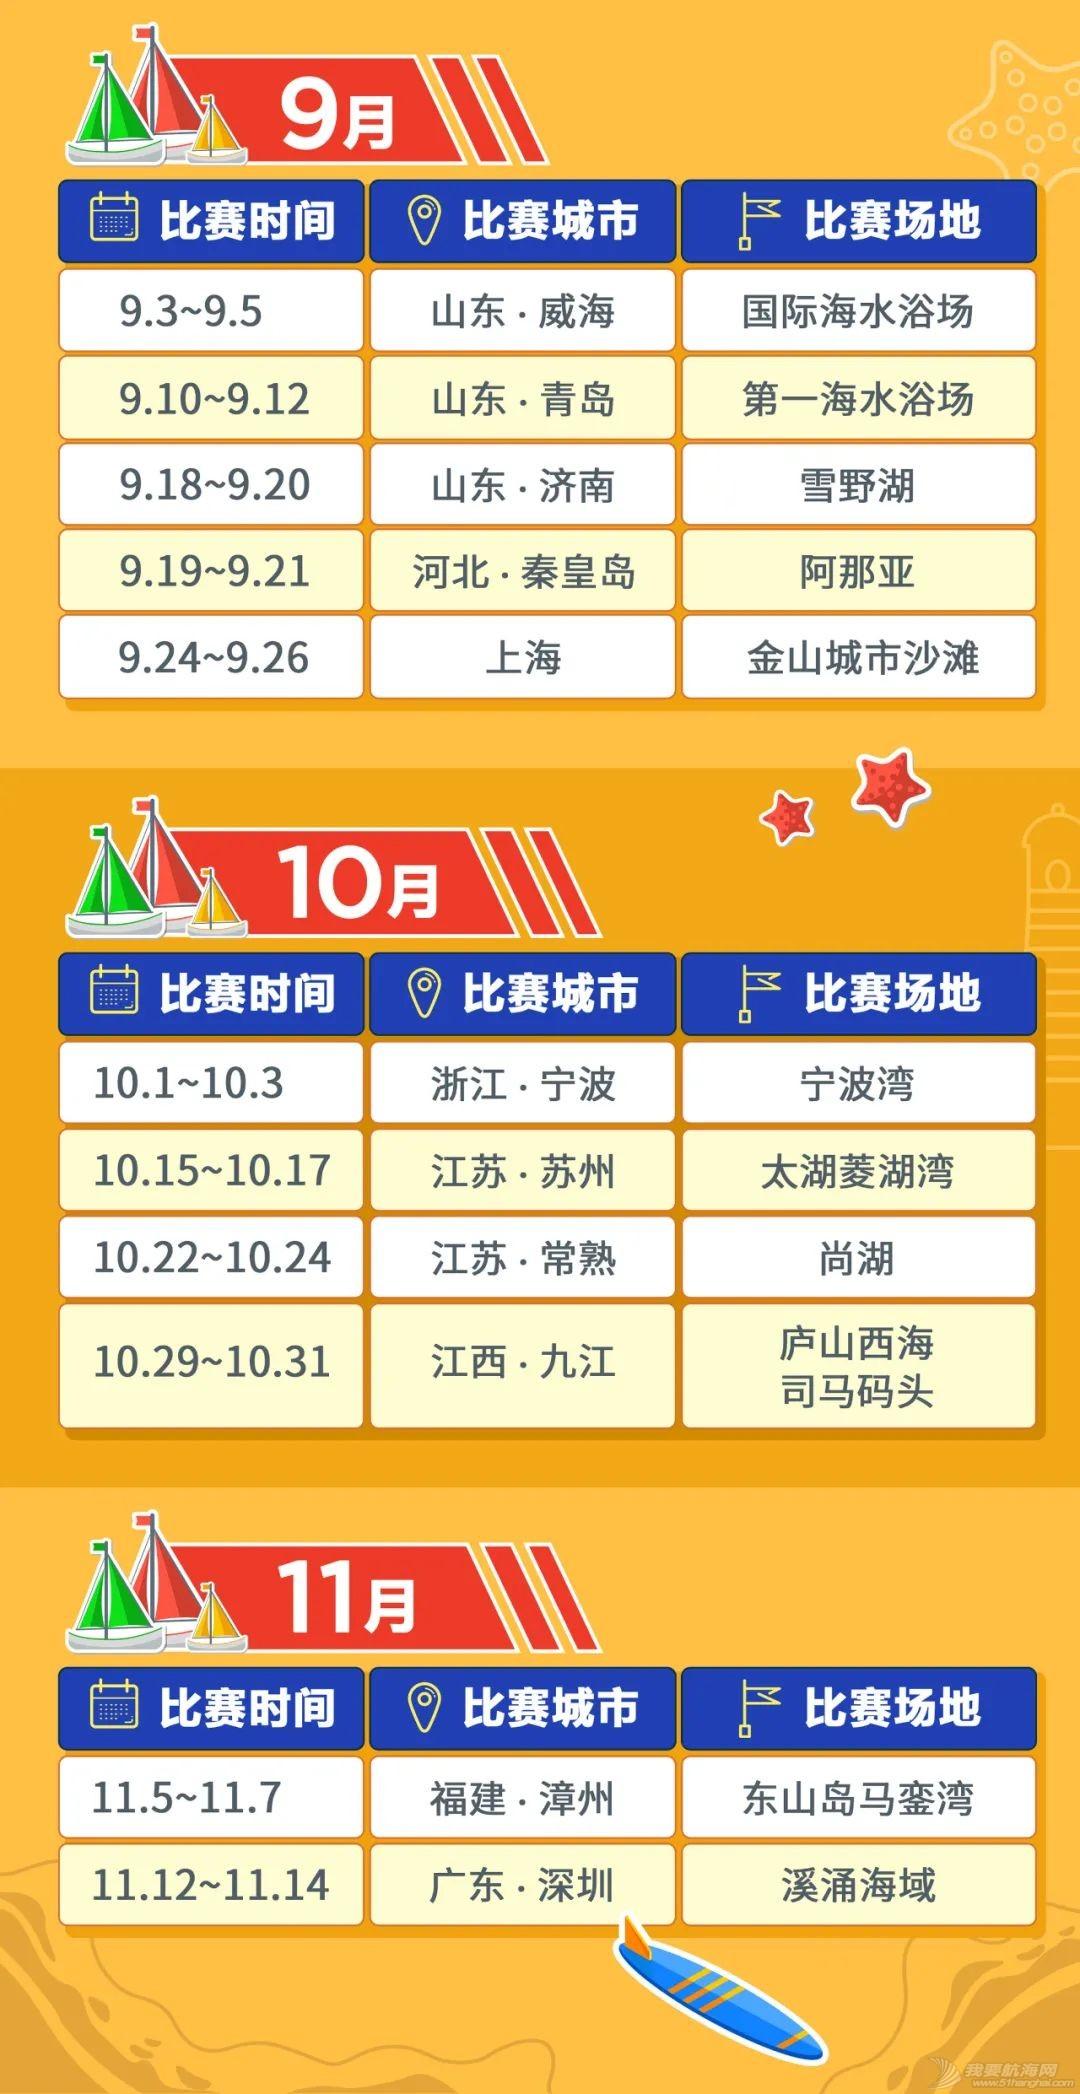 18座城市22站比赛 2021中国家庭帆船赛赛历公布w2.jpg